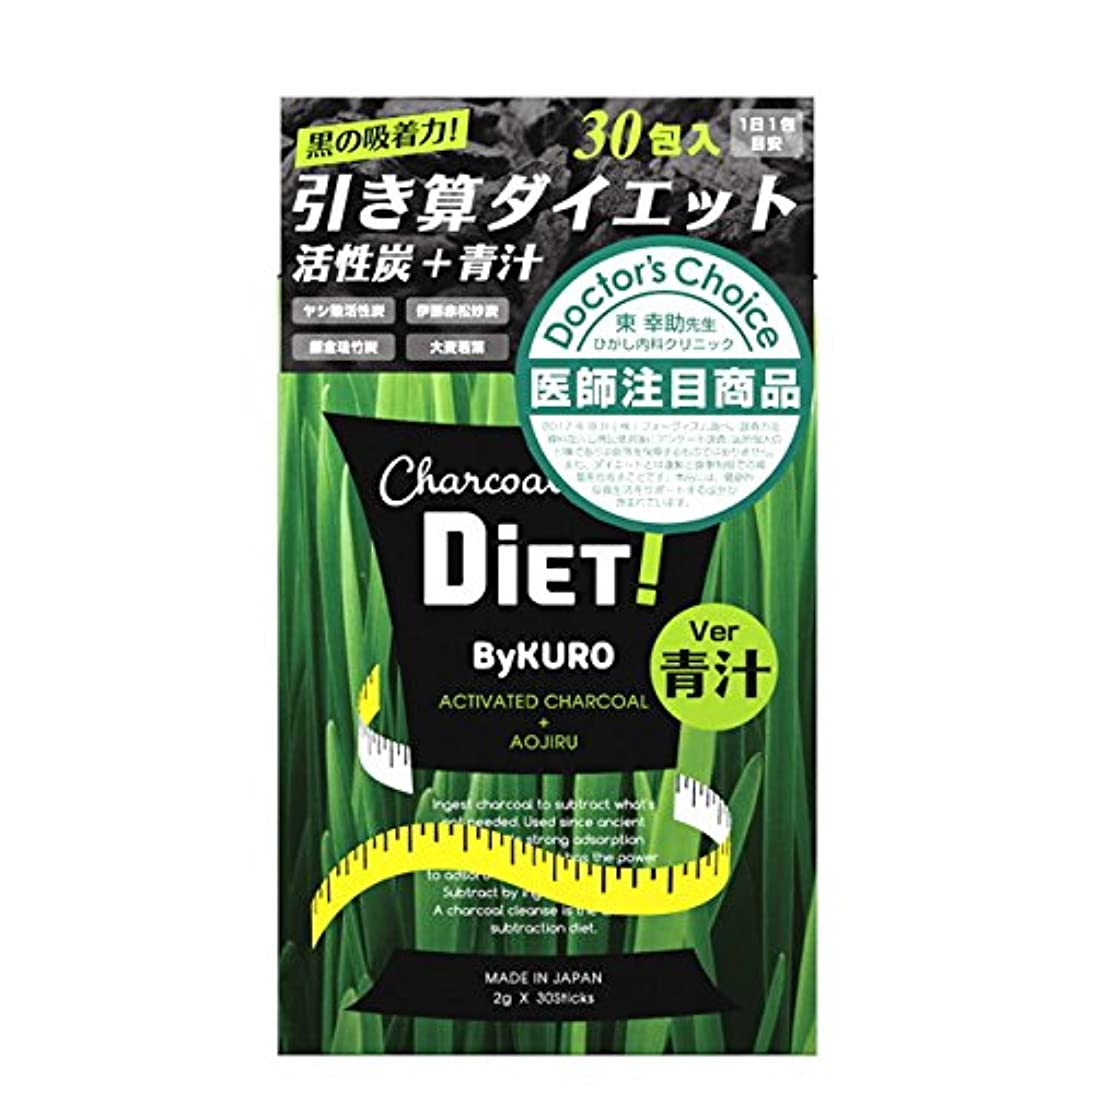 サーカスエチケット意味のあるByKURO(バイクロ) 青汁 2g×30包